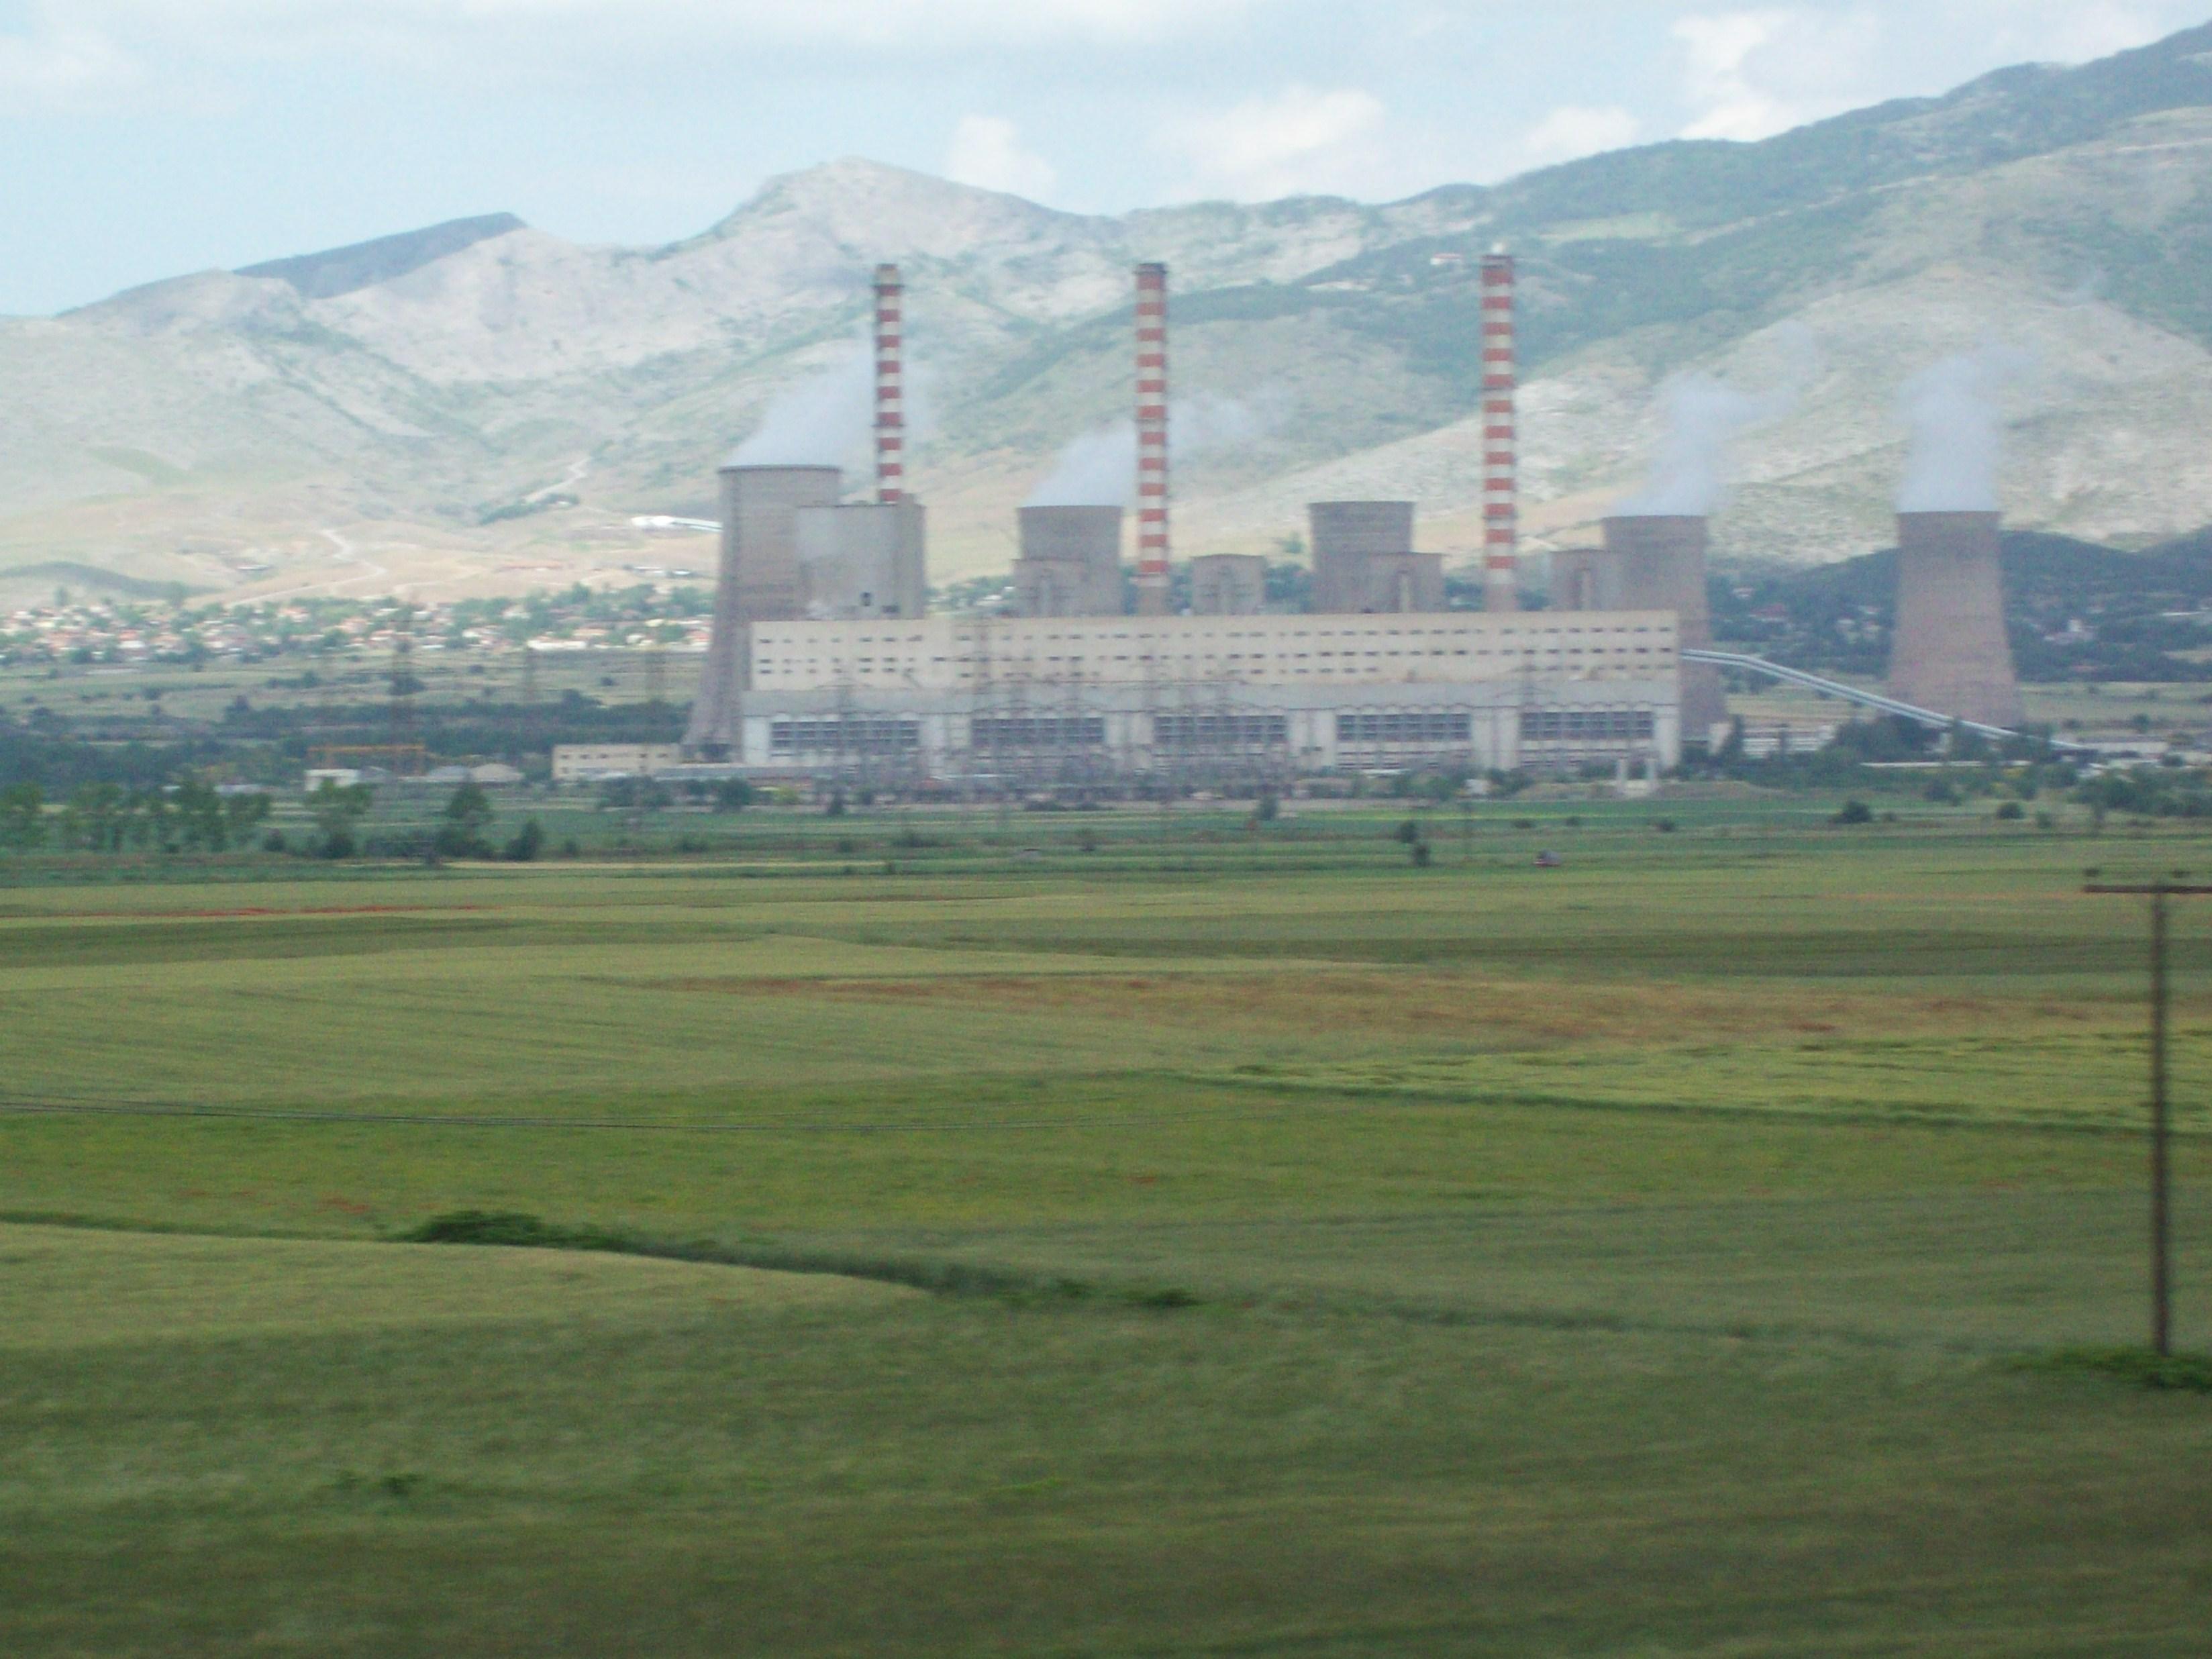 Δίνοντας σημασία στη λεπτομέρεια: Η Ενεργειακή Απόδοση ως υποδομή